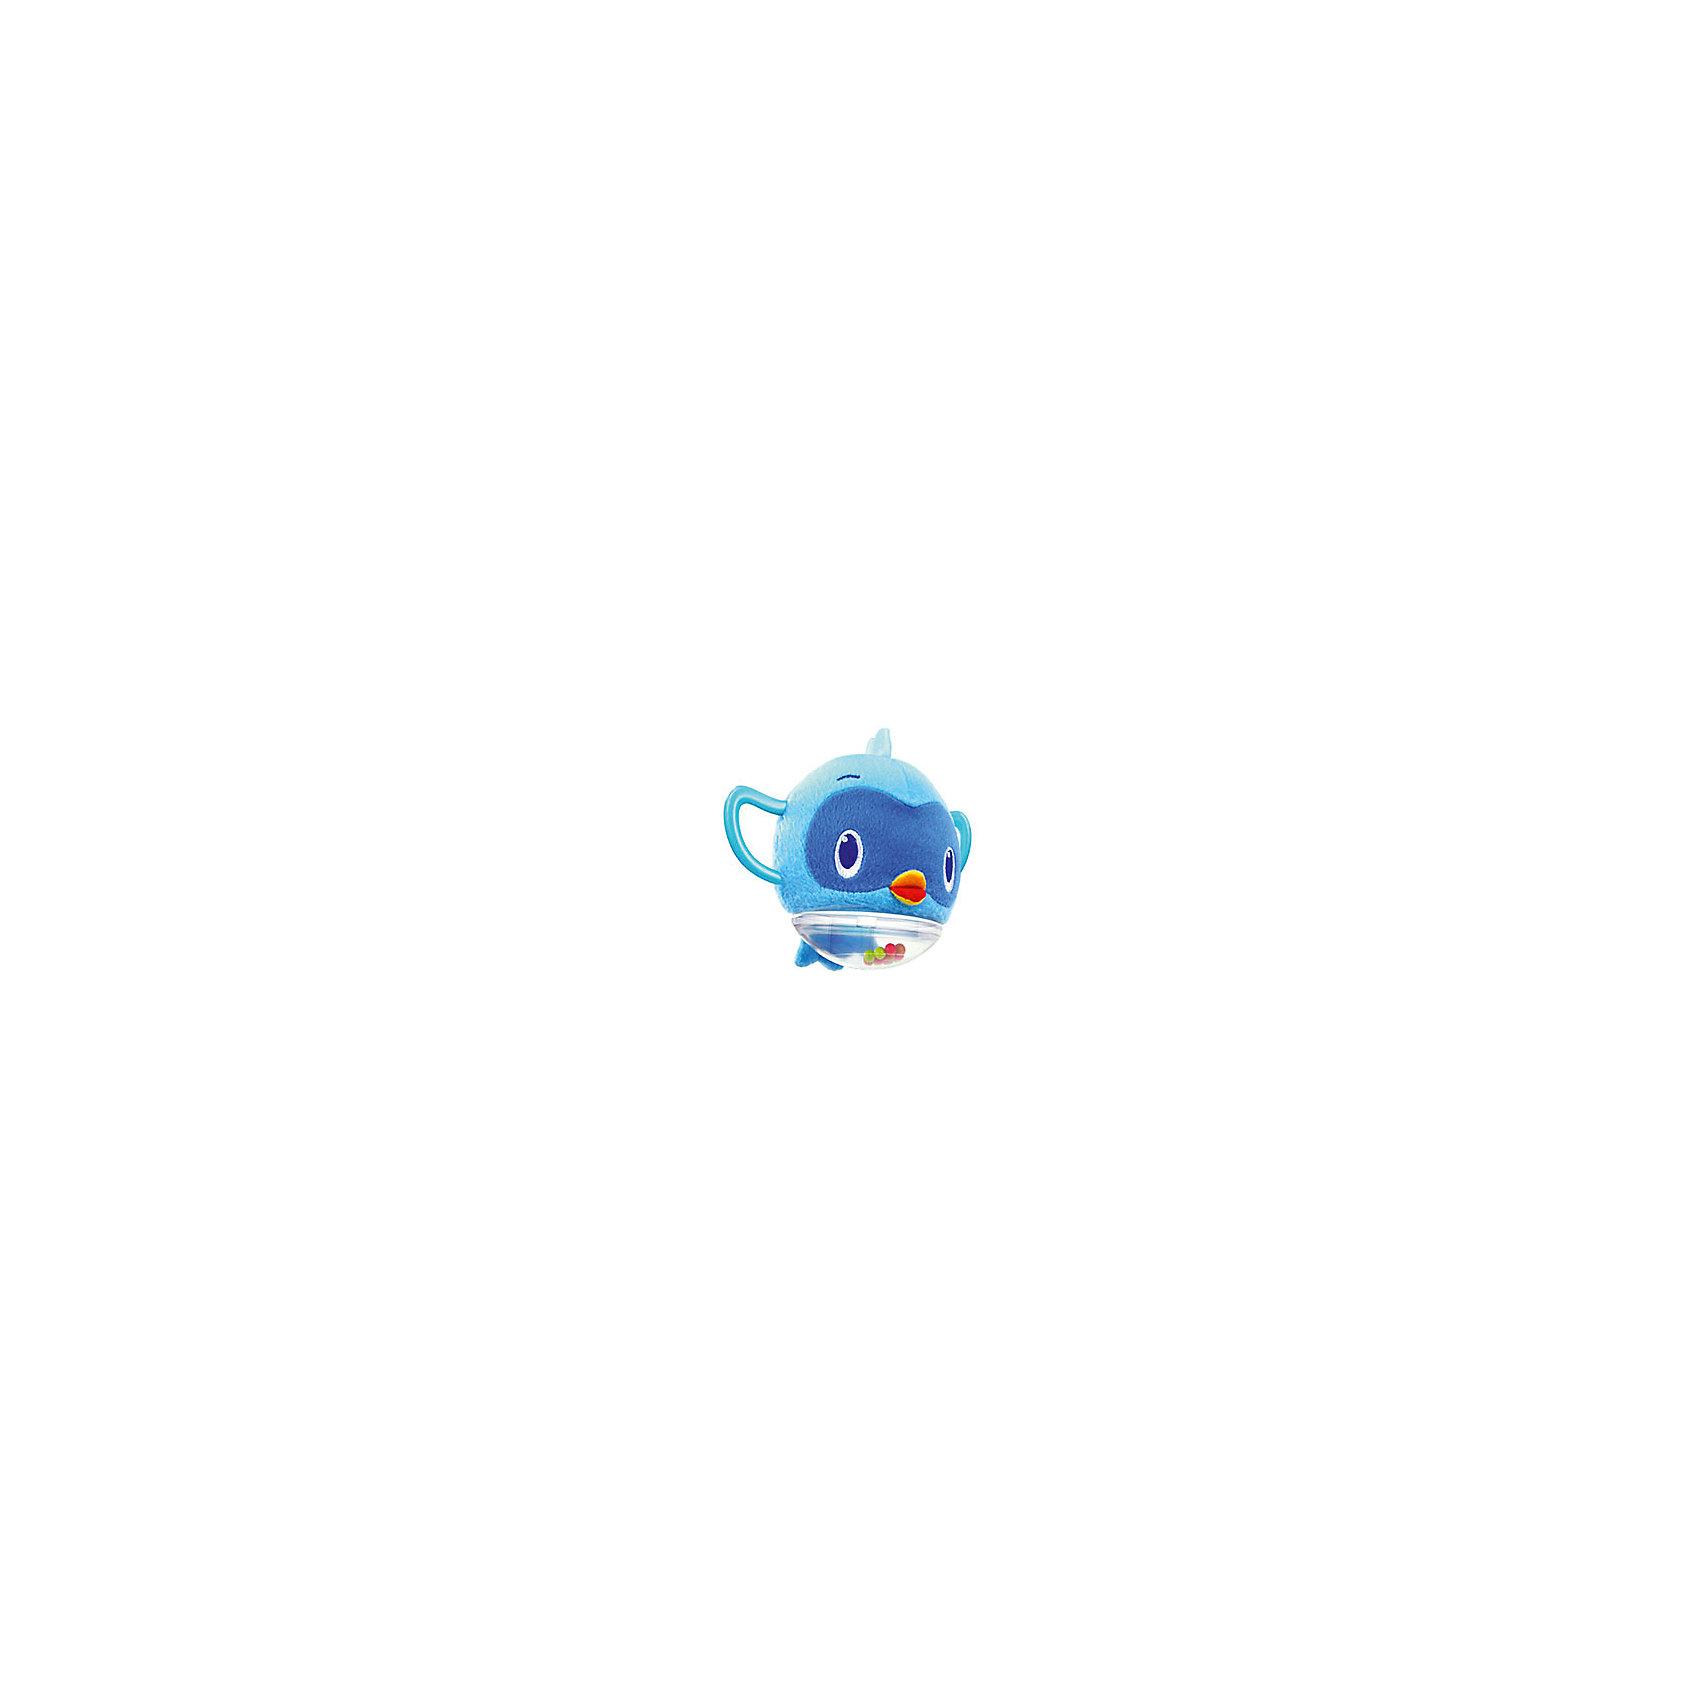 Мягкая погремушка Птичка, Bright StartsМягкая погремушка Птичка, Bright Starts - это развивающая игрушка для самых маленьких.<br>Плюшевая птичка-погремушка станет одной из самых любимых у вашего малыша! Птичка напоминает мягкий шар. Глазки вышиты, есть объемный клювик. Верхняя часть игрушки плюшевая, животик из прозрачного пластика с бусинами внутри. Ребенок сможет не только слышать гремящие элементы, но и наблюдать за движением разноцветных бусин. Птичку-погремушку удобно держать за ручки-крылышки. Игрушку можно повесить над кроваткой или коляской ребёнка, продев кольцо держателя в ручку-крыло (держатель приобретается отдельно). Игрушка стимулирует развитие тактильного, визуального и слухового восприятия малютки, тренирует мелкую моторику и создаёт хорошее настроение своим милым и доброжелательным видом.<br><br>Дополнительная информация:<br><br>- 2 вида в ассортименте (продаются отдельно)<br>- Материал: текстиль, пластик<br>- Размер погремушки: 20 х 17 х 33 см.<br>-  Размер упаковки: 32 х 10 х 22 см.<br>- ВНИМАНИЕ! Данный артикул представлен в разных вариантах исполнения. К сожалению, заранее выбрать определенный вариант невозможно. При заказе нескольких наборов возможно получение одинаковых<br><br>Мягкую погремушку Птичка, Bright Starts можно купить в нашем интернет-магазине.<br><br>Ширина мм: 143<br>Глубина мм: 76<br>Высота мм: 194<br>Вес г: 113<br>Возраст от месяцев: 12<br>Возраст до месяцев: 36<br>Пол: Унисекс<br>Возраст: Детский<br>SKU: 4424079